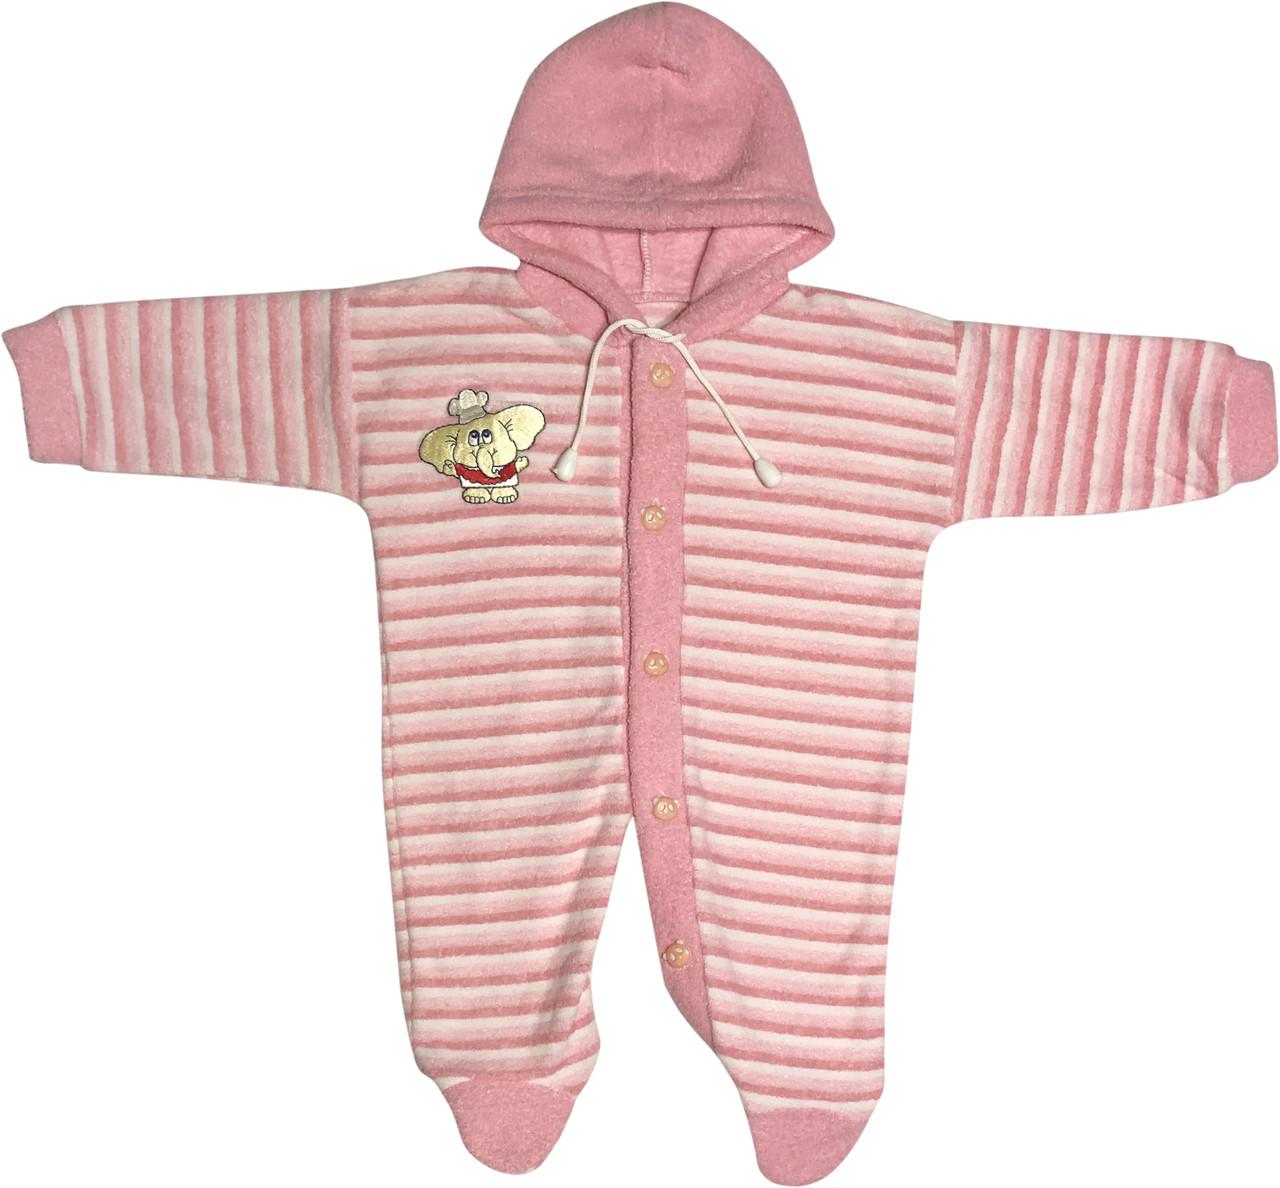 Детский тёплый человечек рост 62 2-3 мес махровый розовый на девочку слип с капюшоном для новорожденных малышей А002